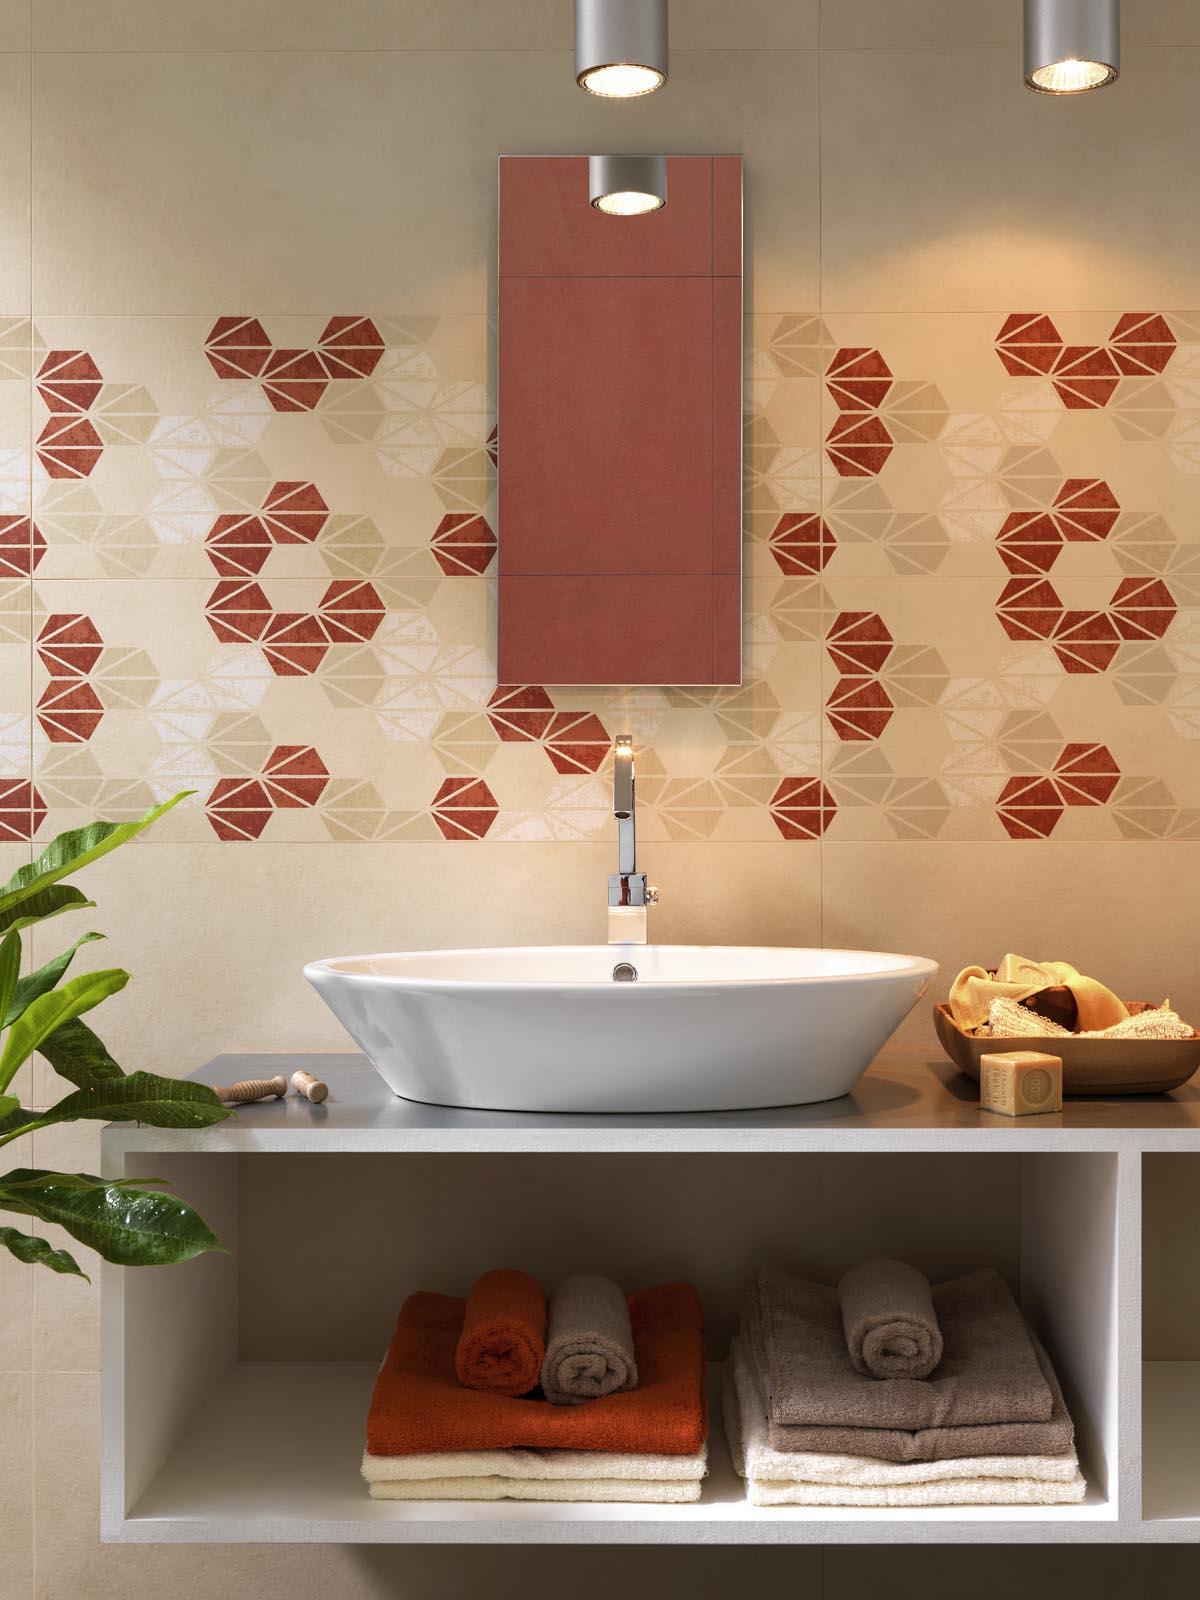 Oficina7 piastrelle rivestimento bagno marazzi - Piastrelle bagno ...